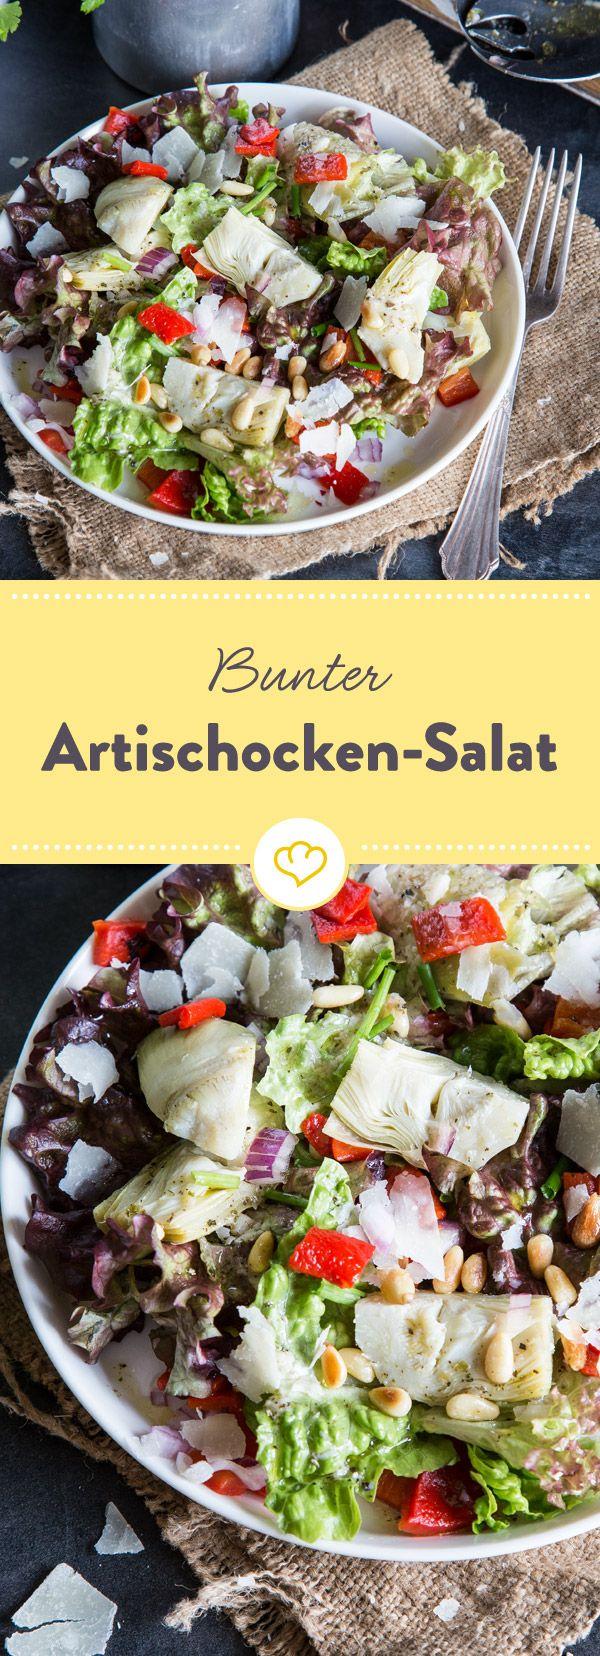 Ein bunter Salat mit Artischocken, Pflücksalat, gegrillten Paprika und gerösteten Pinienkernen mit einer kräftigen Vinaigrette mit Parmesan und Kräutern.